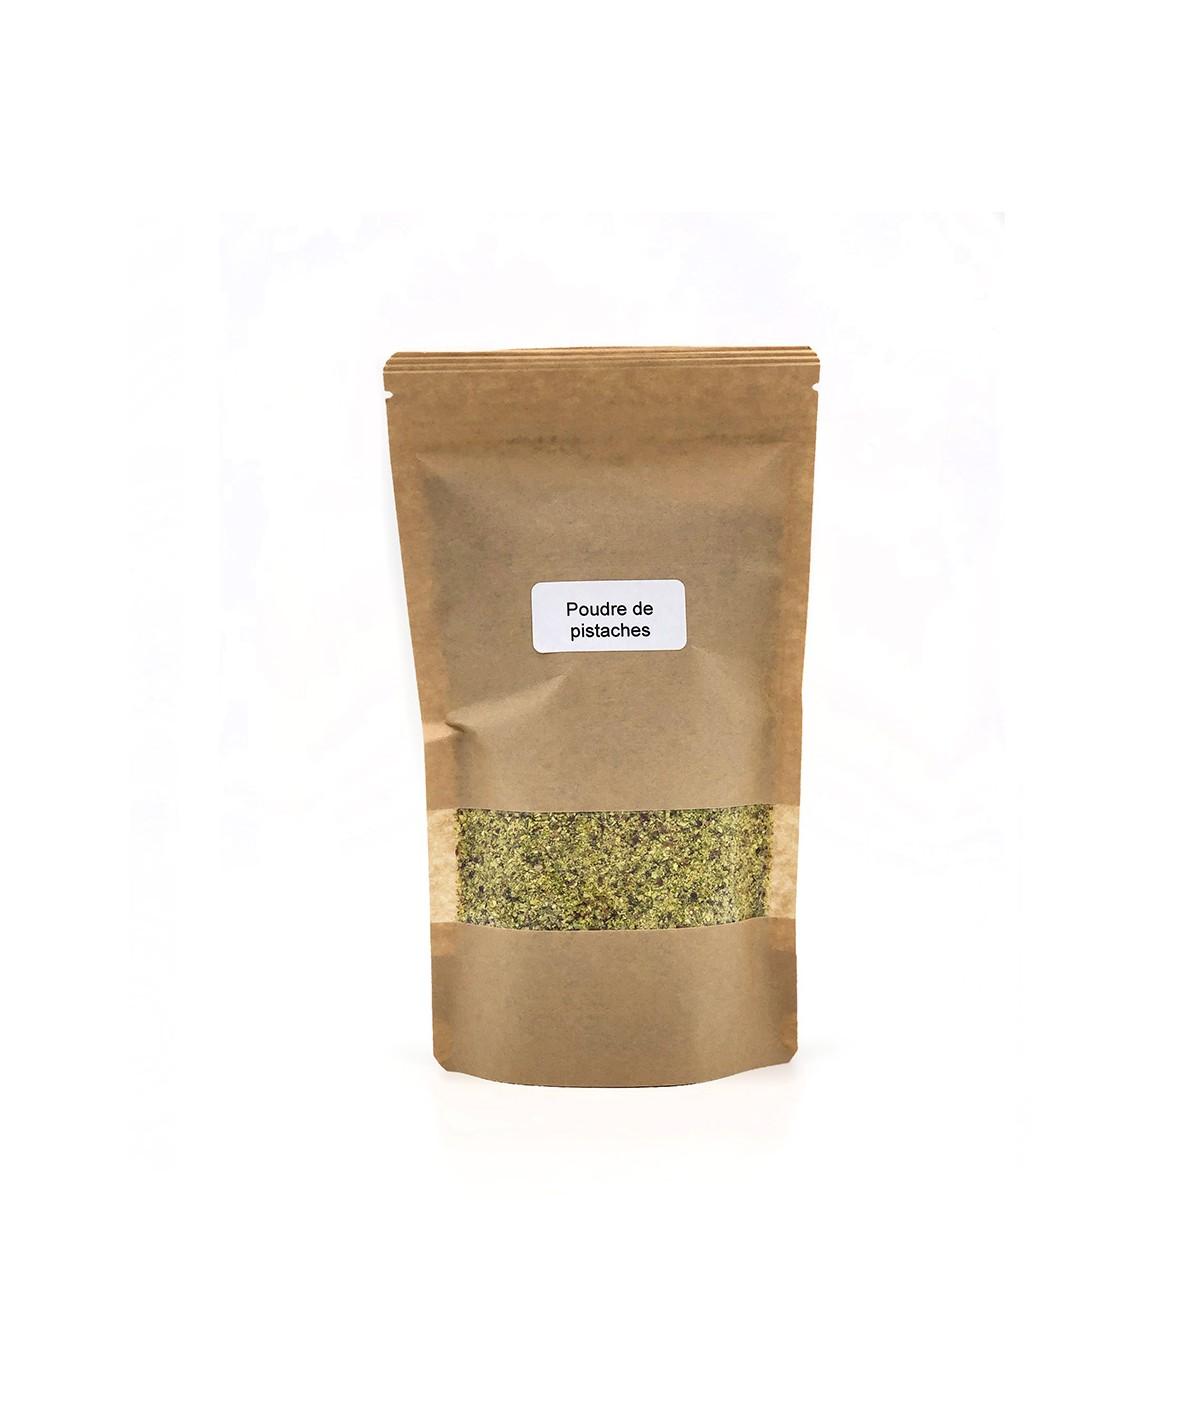 Poudre de pistaches 200g